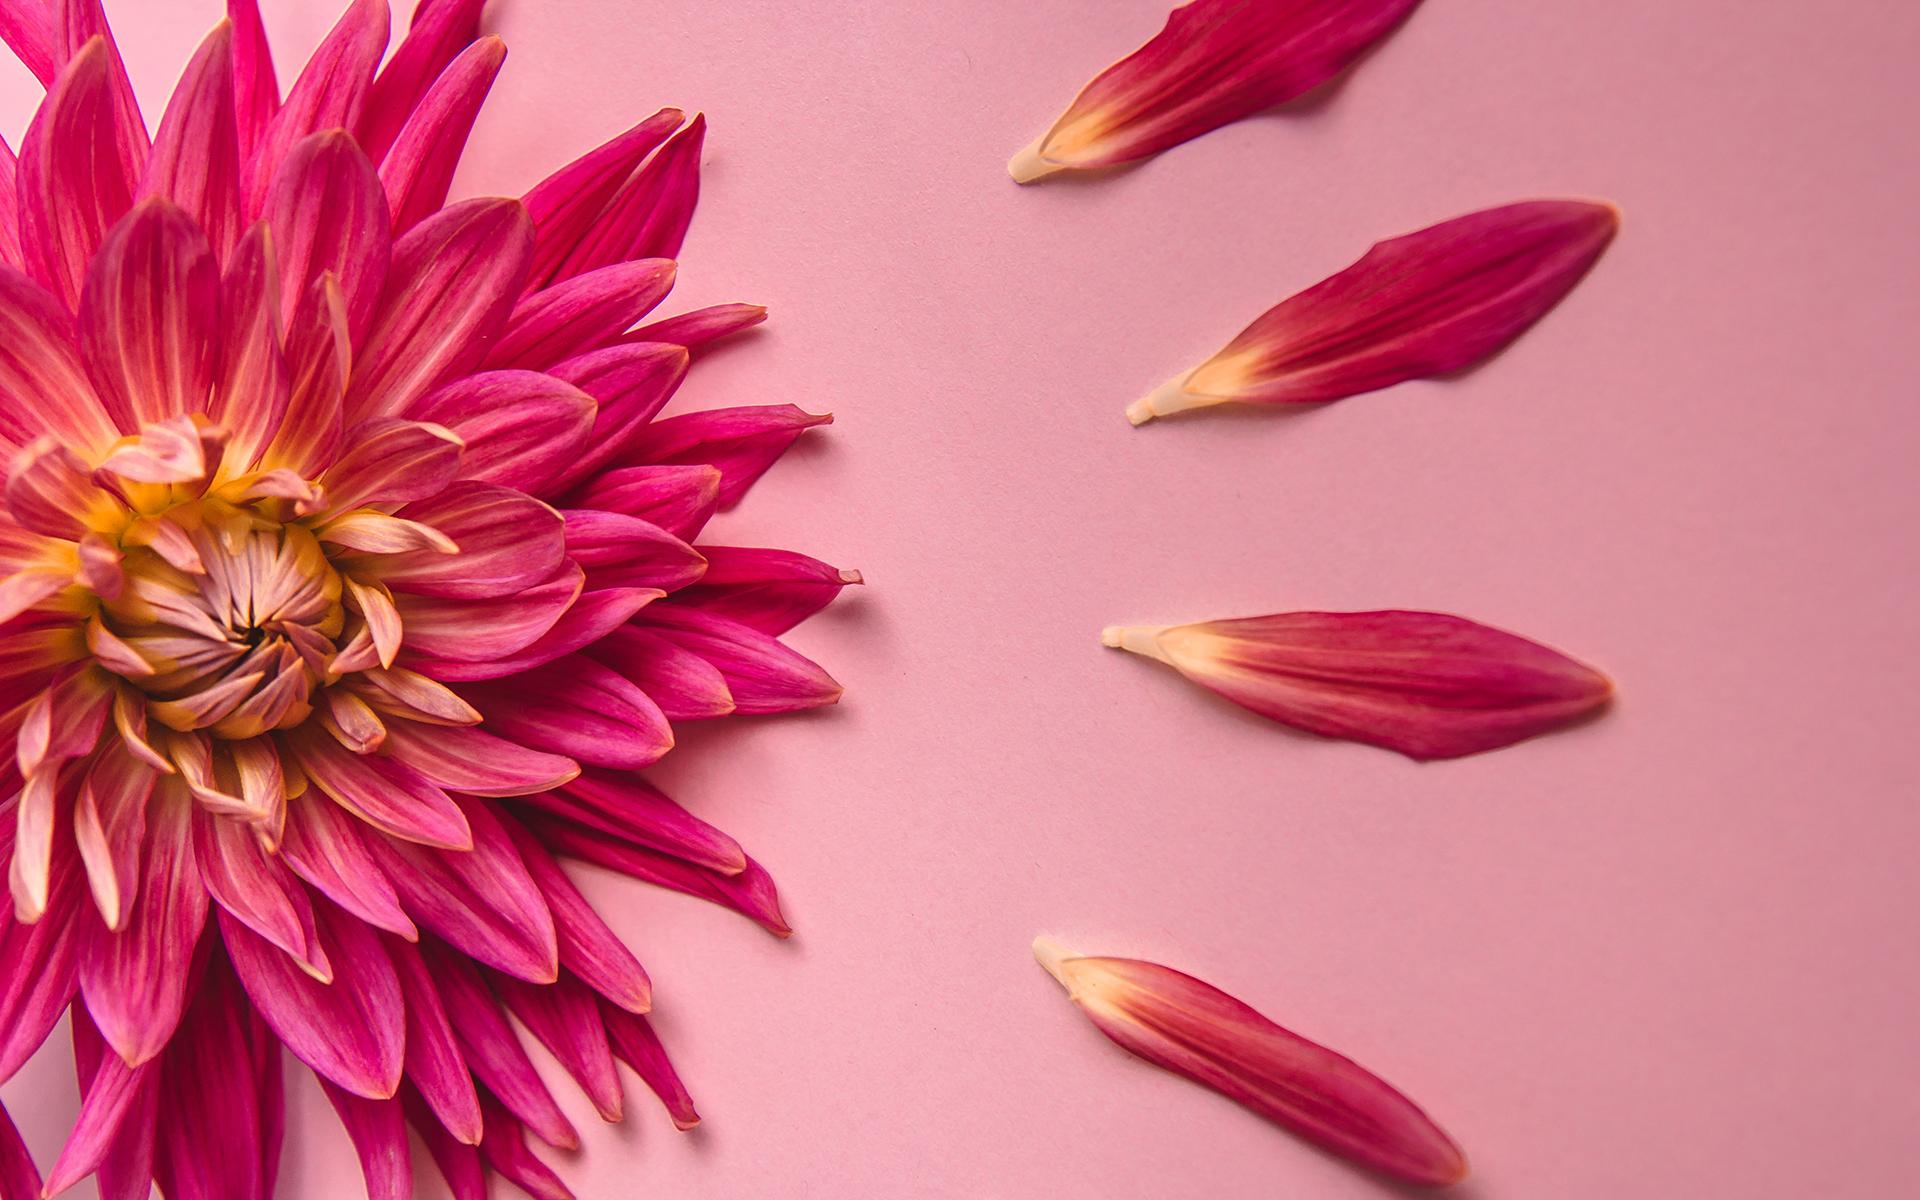 Loving-Kindness Meditation Sharon Salzberg - pink flower on a pink background